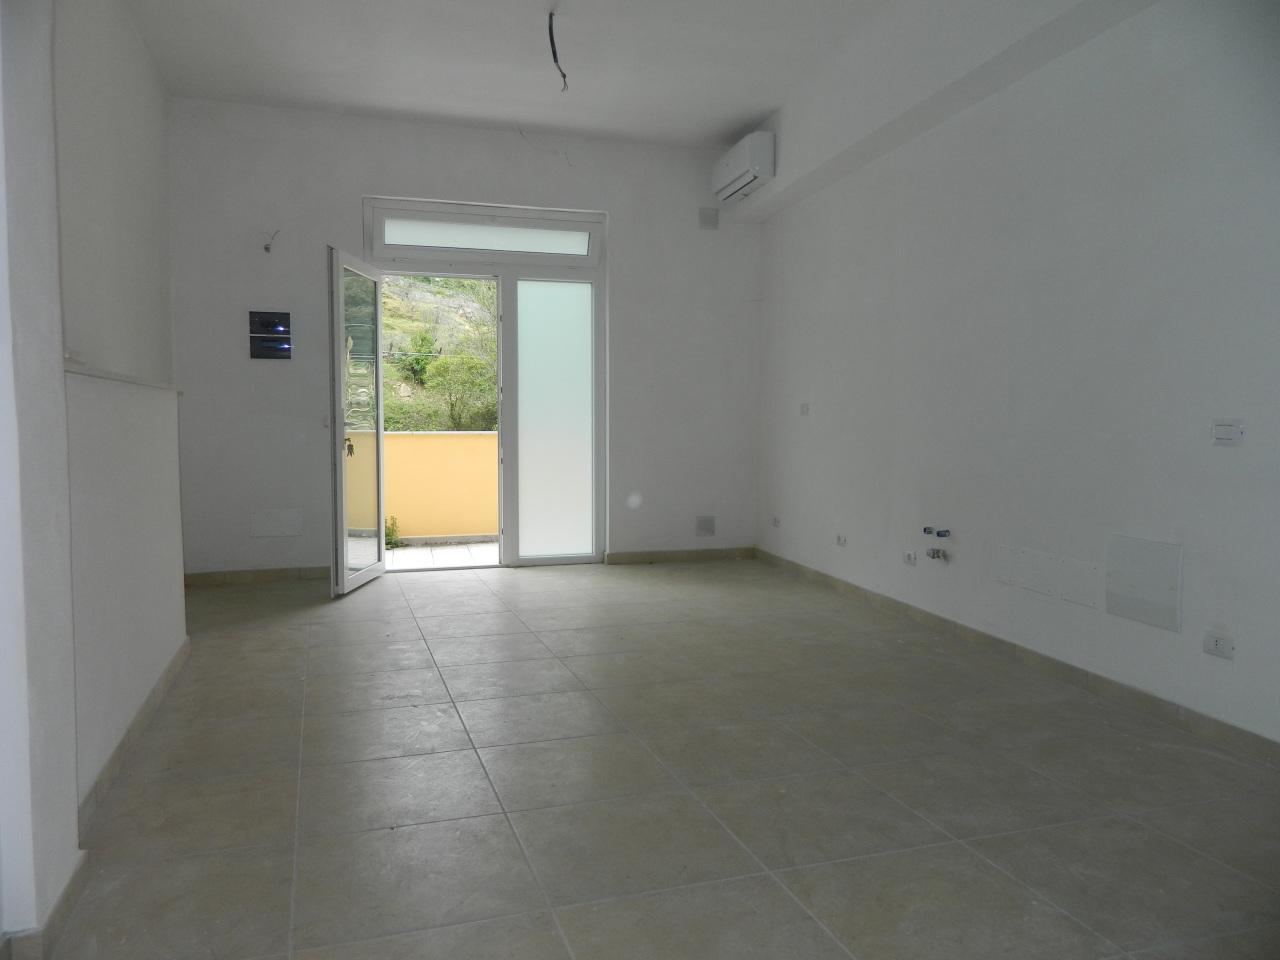 Appartamento ristrutturato in vendita Rif. 10015159